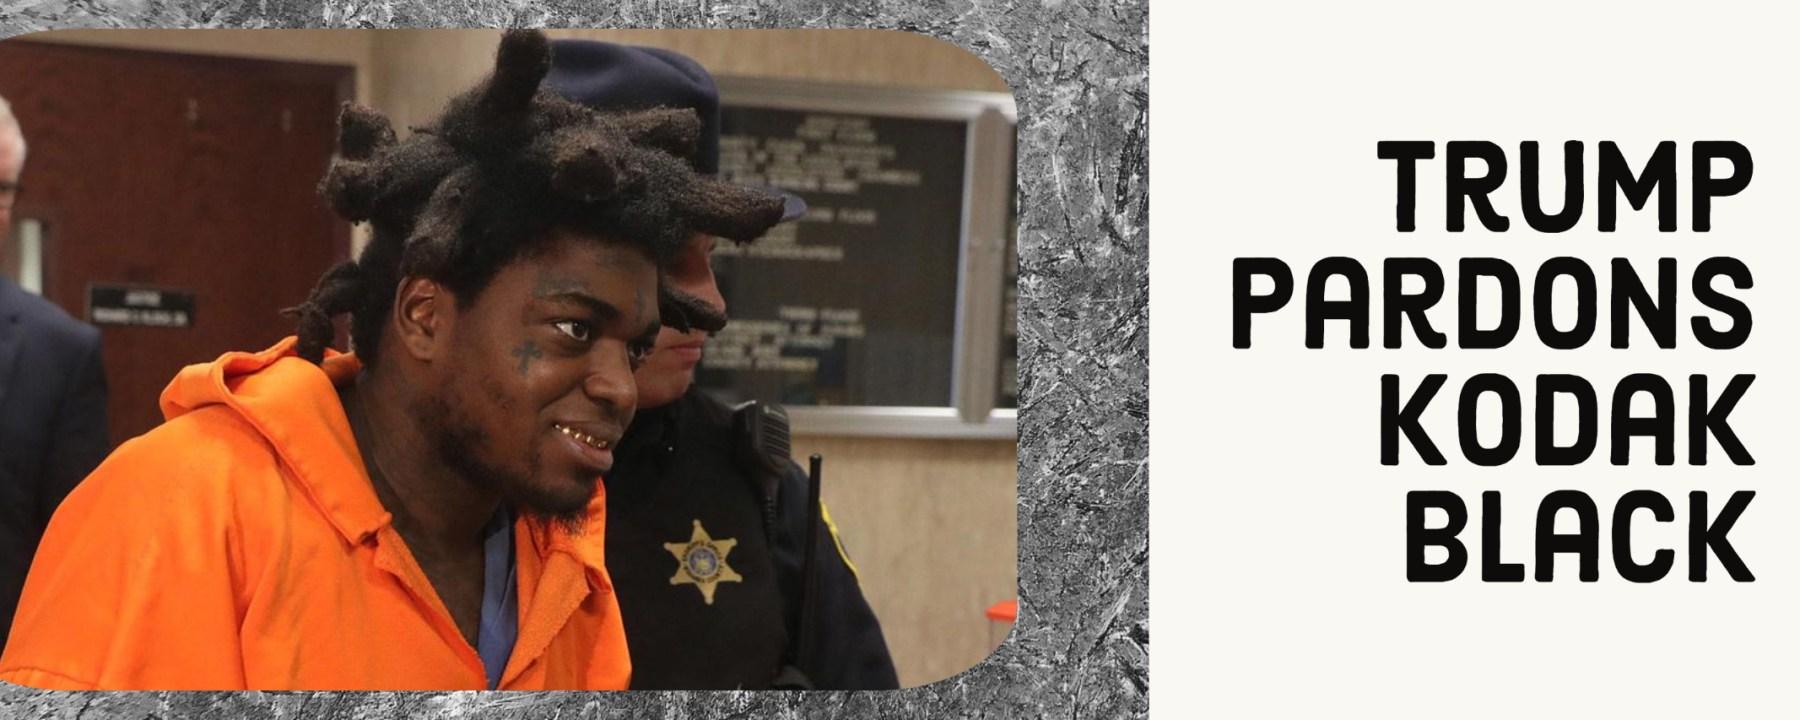 trump pardon kodak black